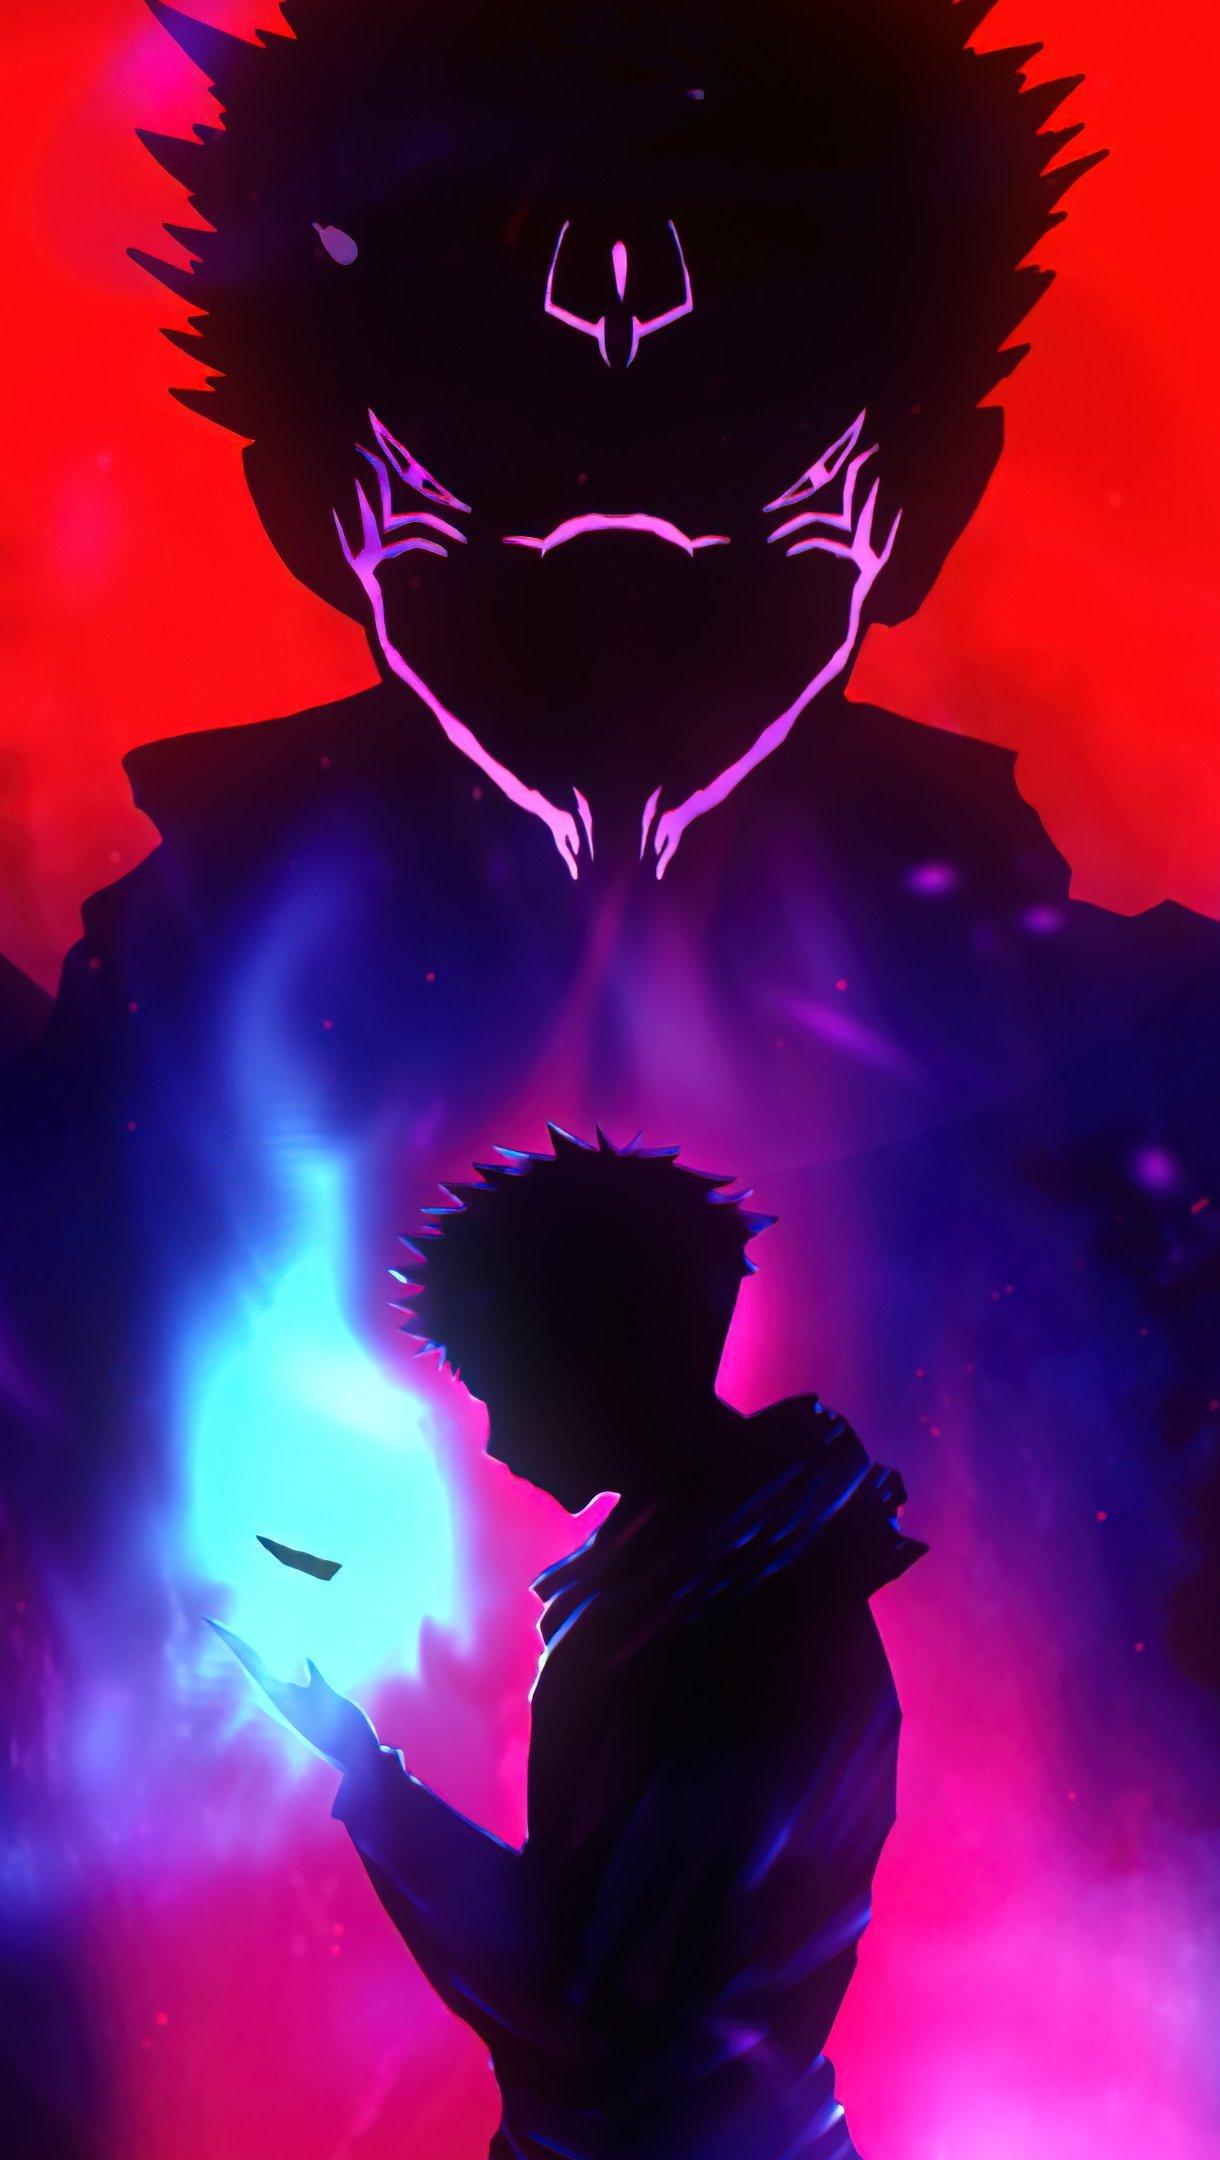 Fondos de pantalla Anime Yuji Itadori de Jujutsu Kaisen Vertical